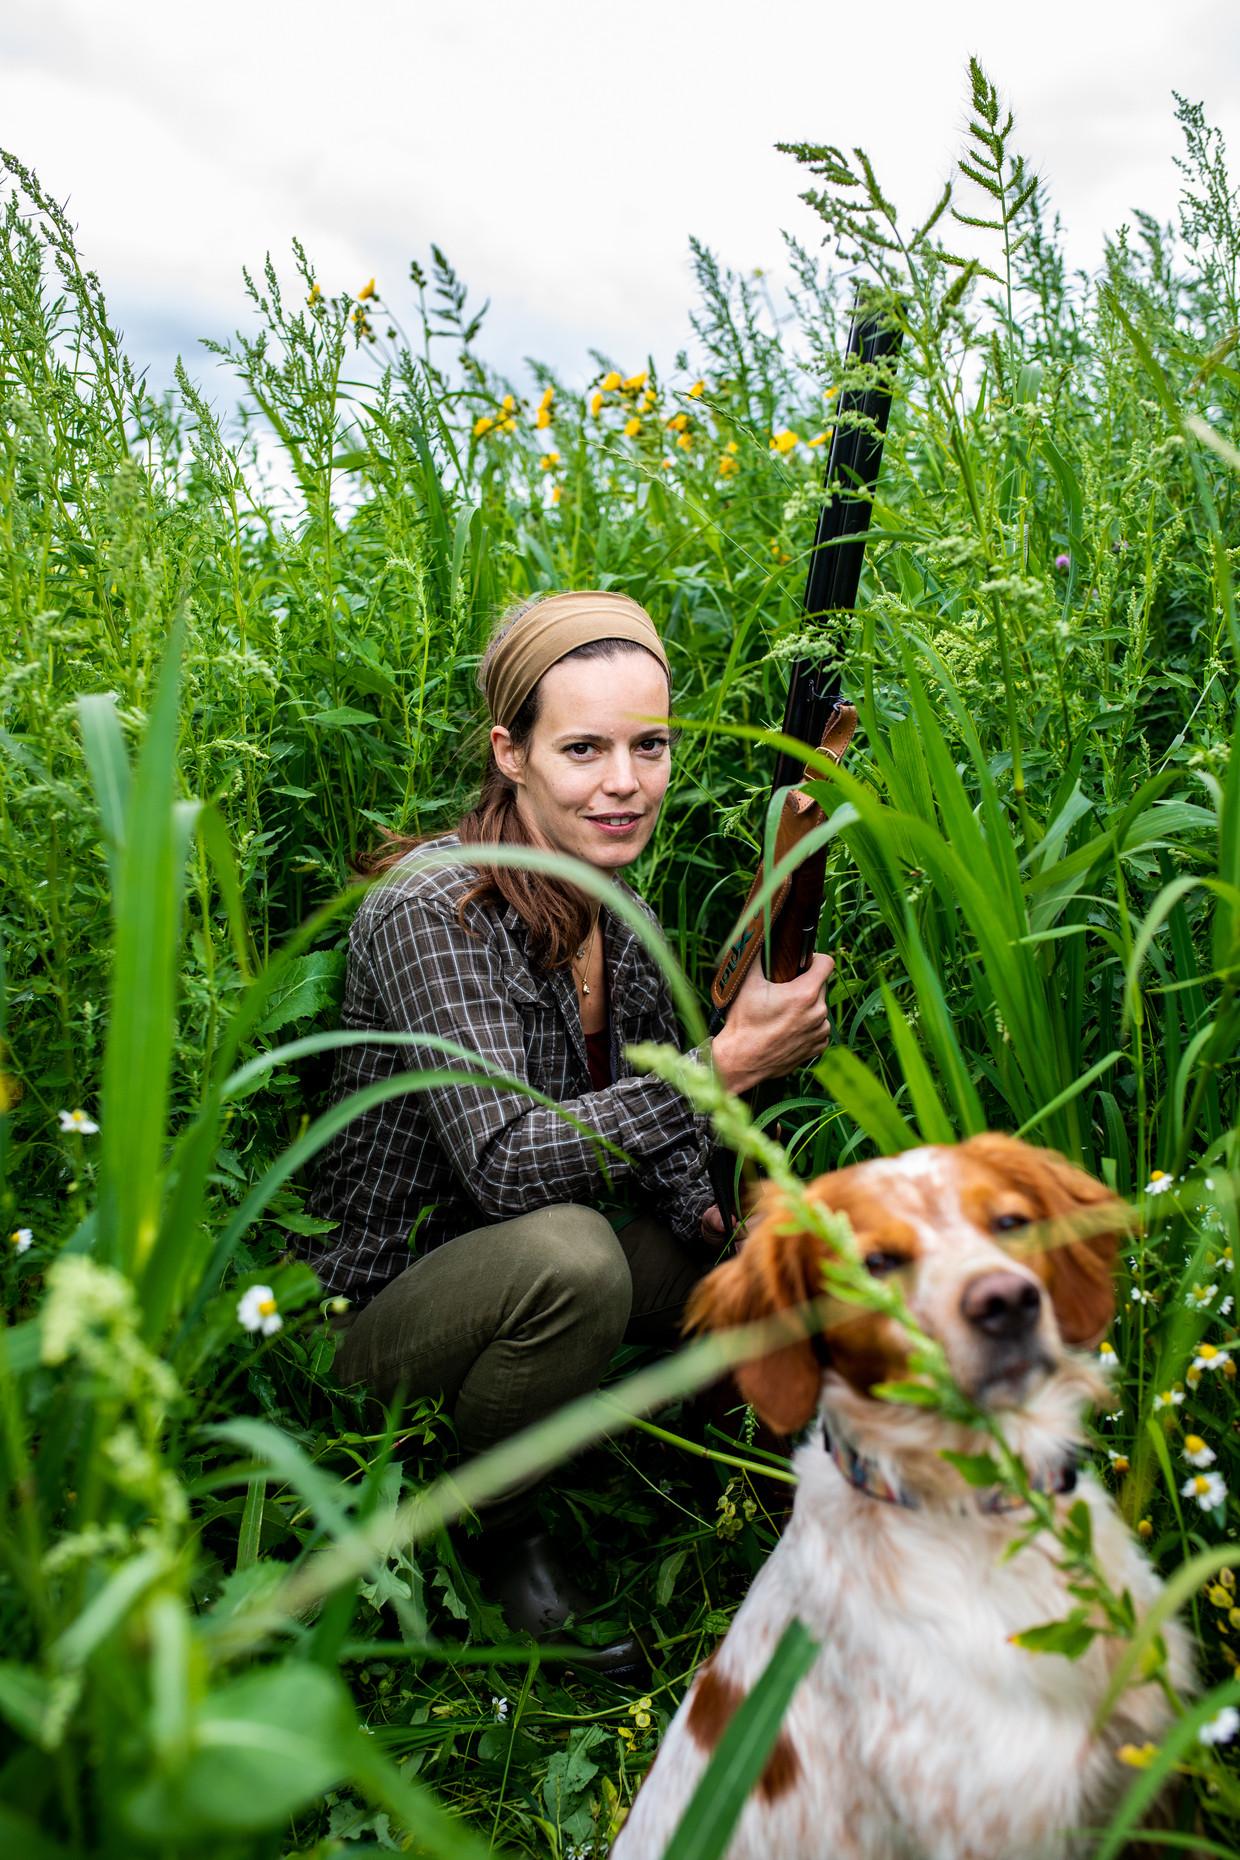 Marijke Ottema: 'Op de jachtopleiding was ik een vreemde eend in de bijt.', 29-07-2020, Broek in Waterland.